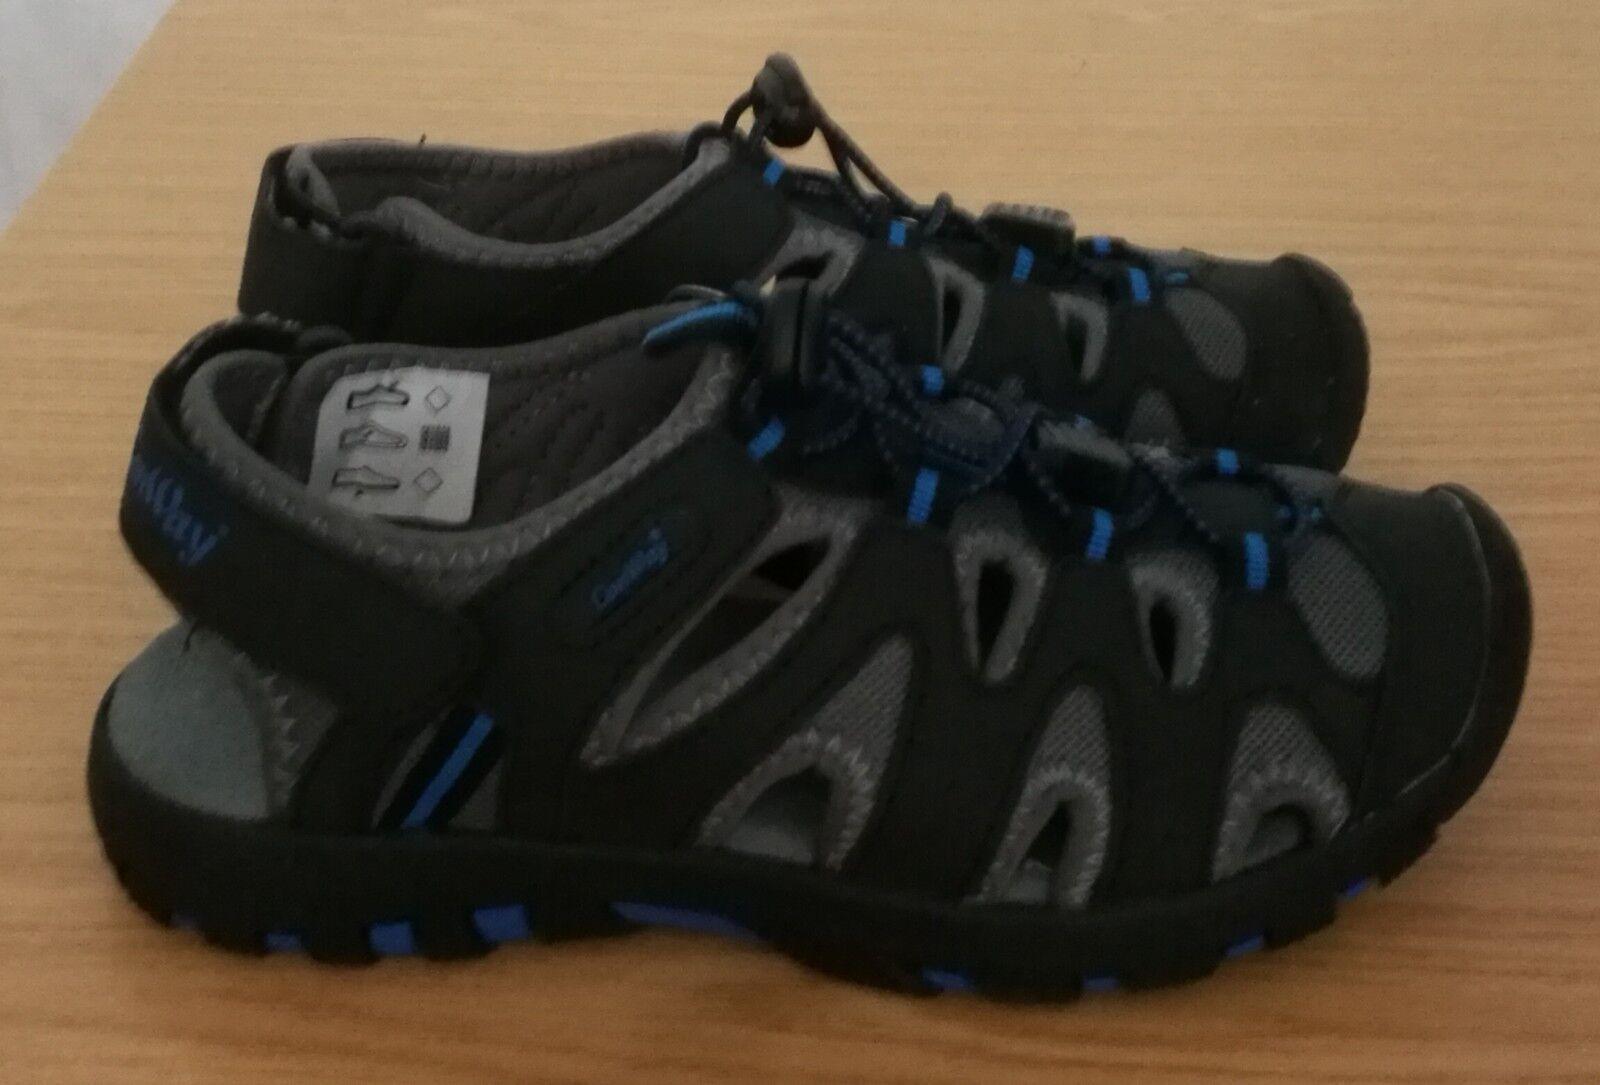 Herren-Sandale, sportlich, geschlossen, schwarz/blau, Größen 36 - 46, NEU